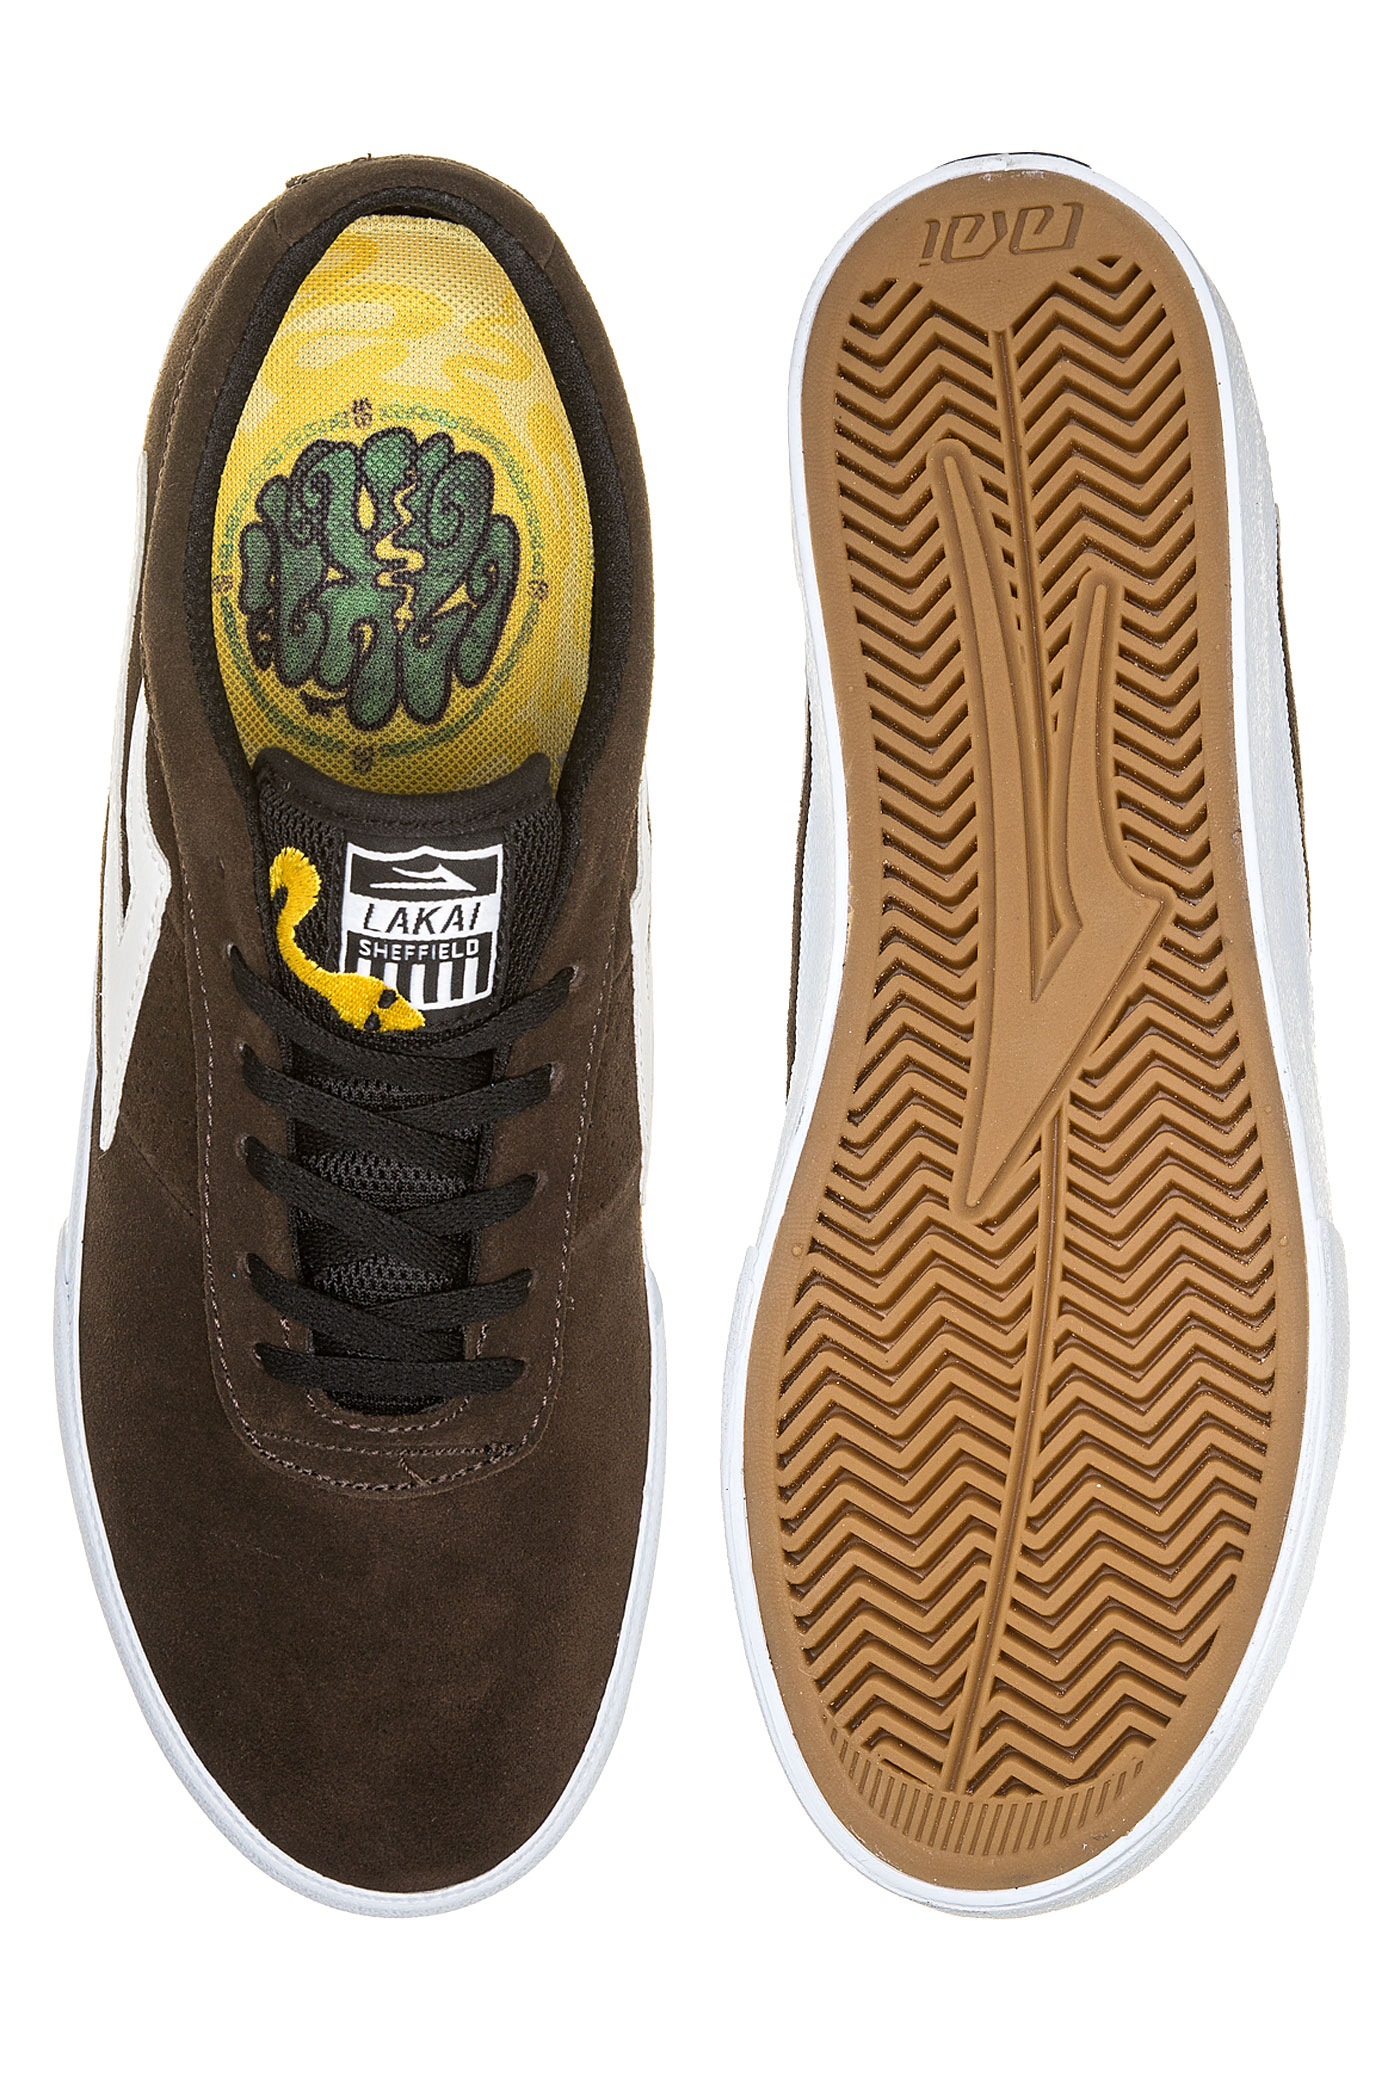 Lakai Sheffield Chaussurechocolate Suede Bannerot Simon 0OmNw8vn